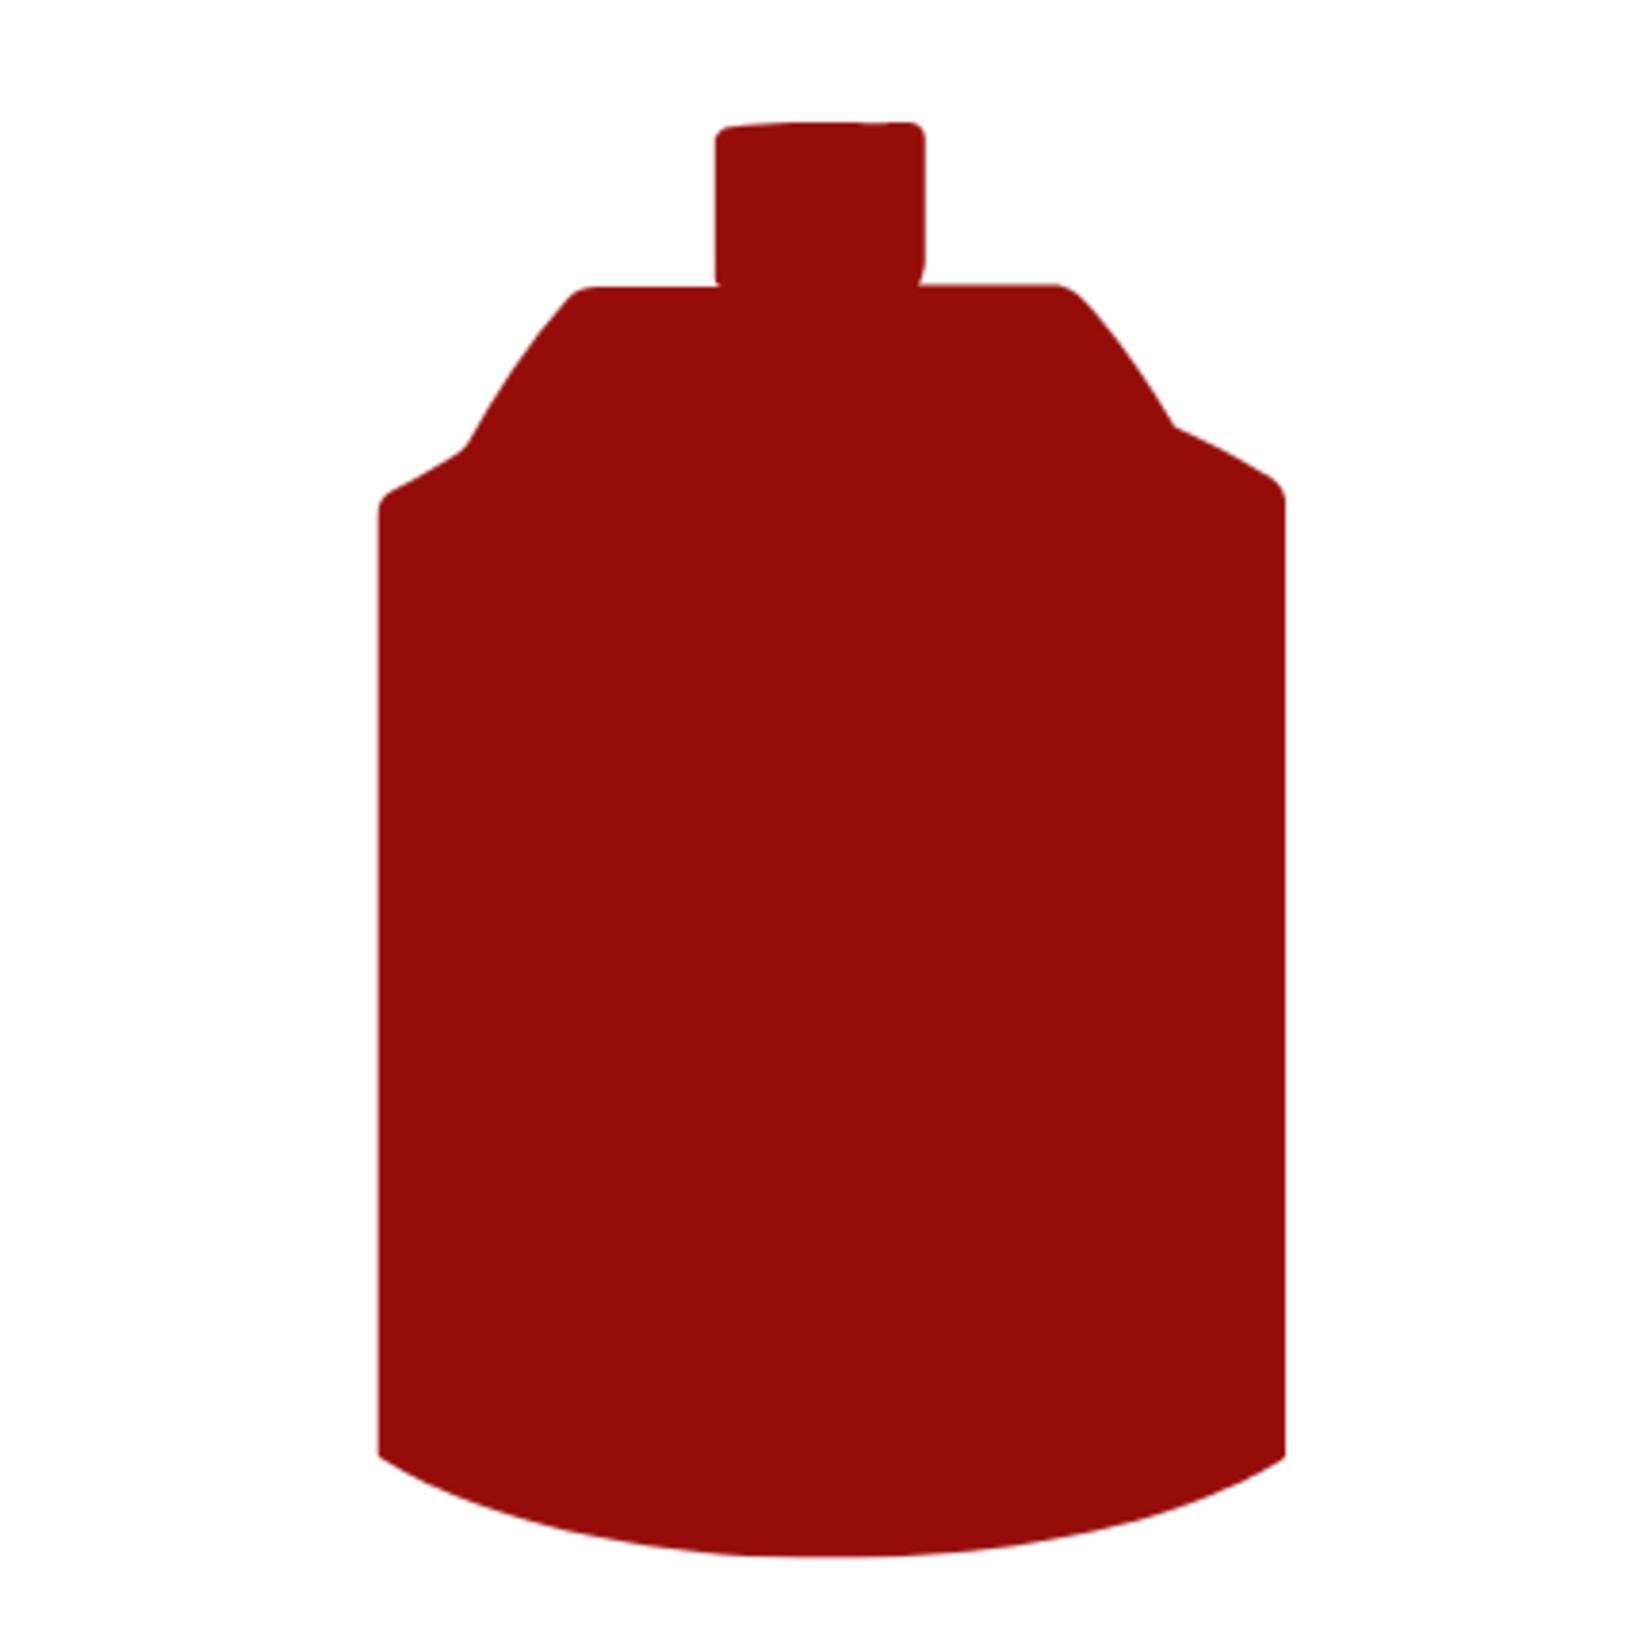 Games Workshop Mephiston Red Spray (400ml)